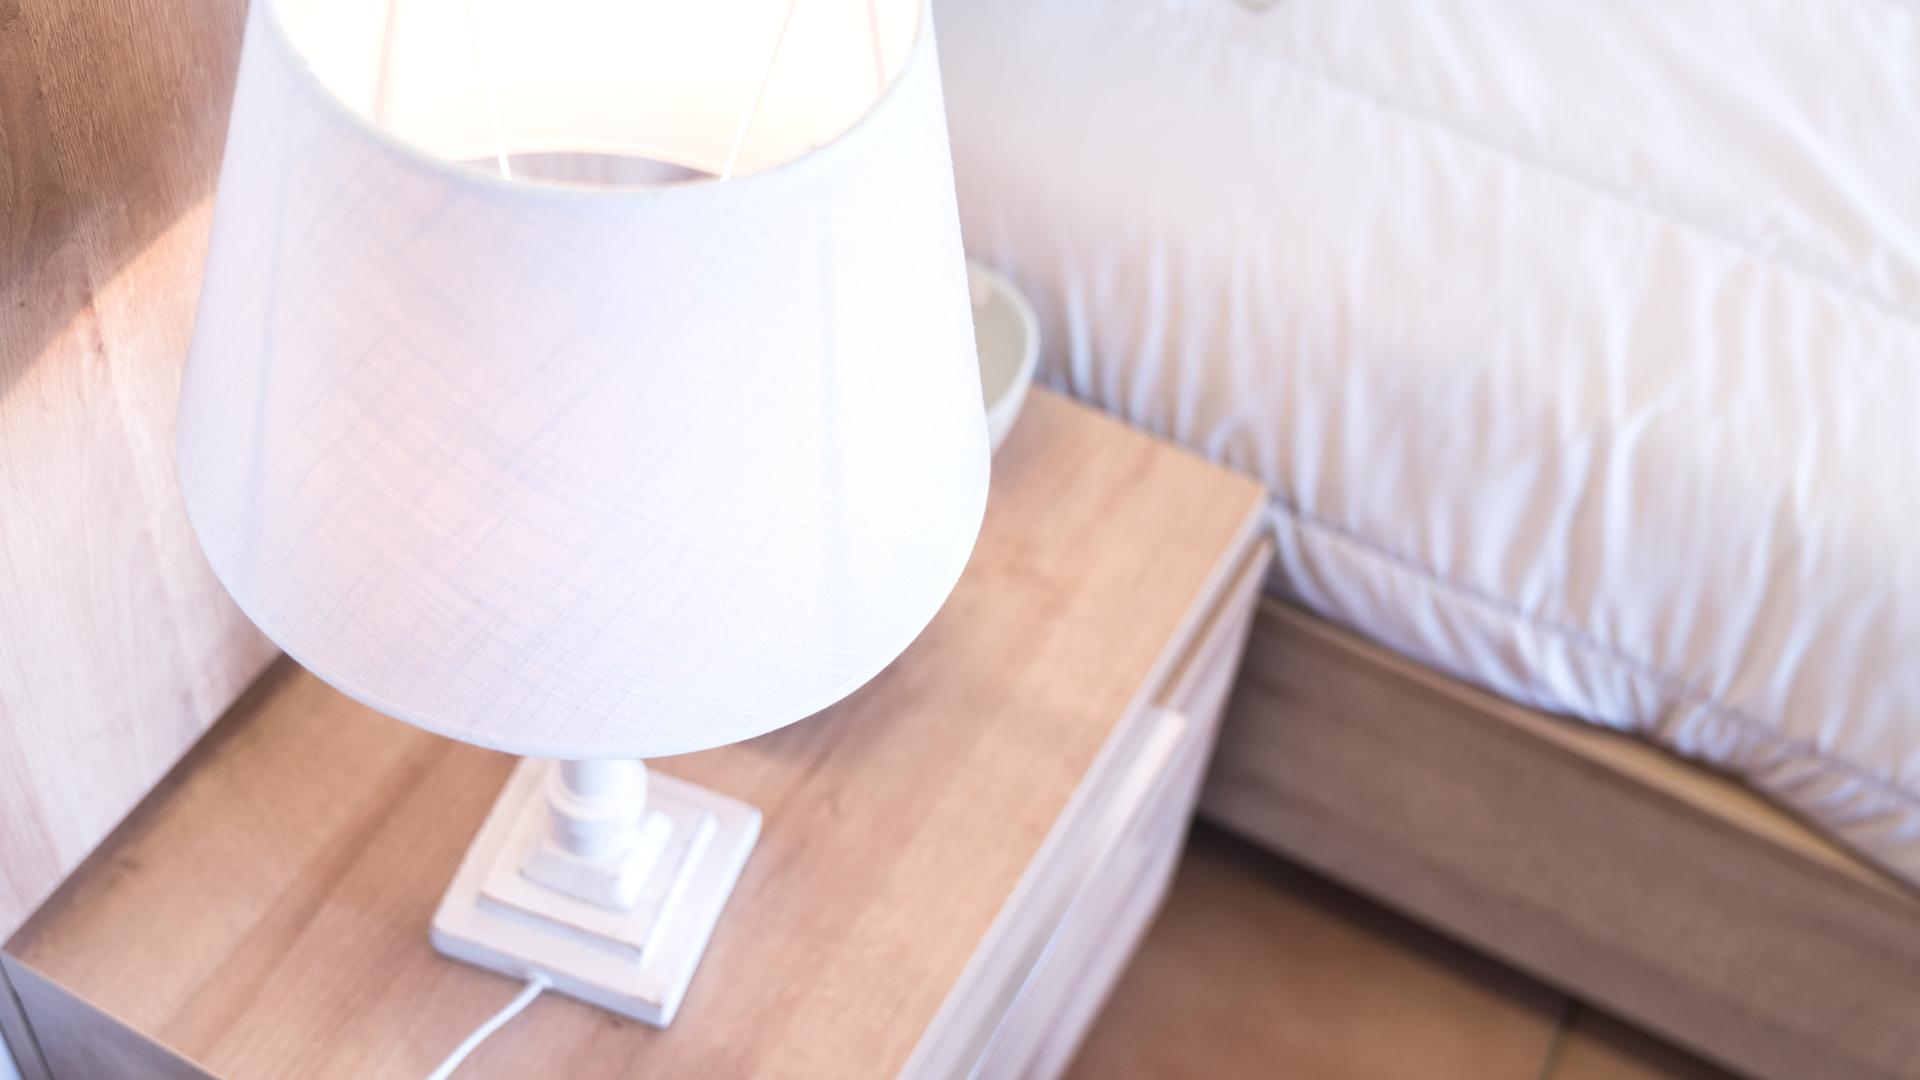 Cantidúbi de mobles únics i funcionals per crear l'espai dels teus somnis.